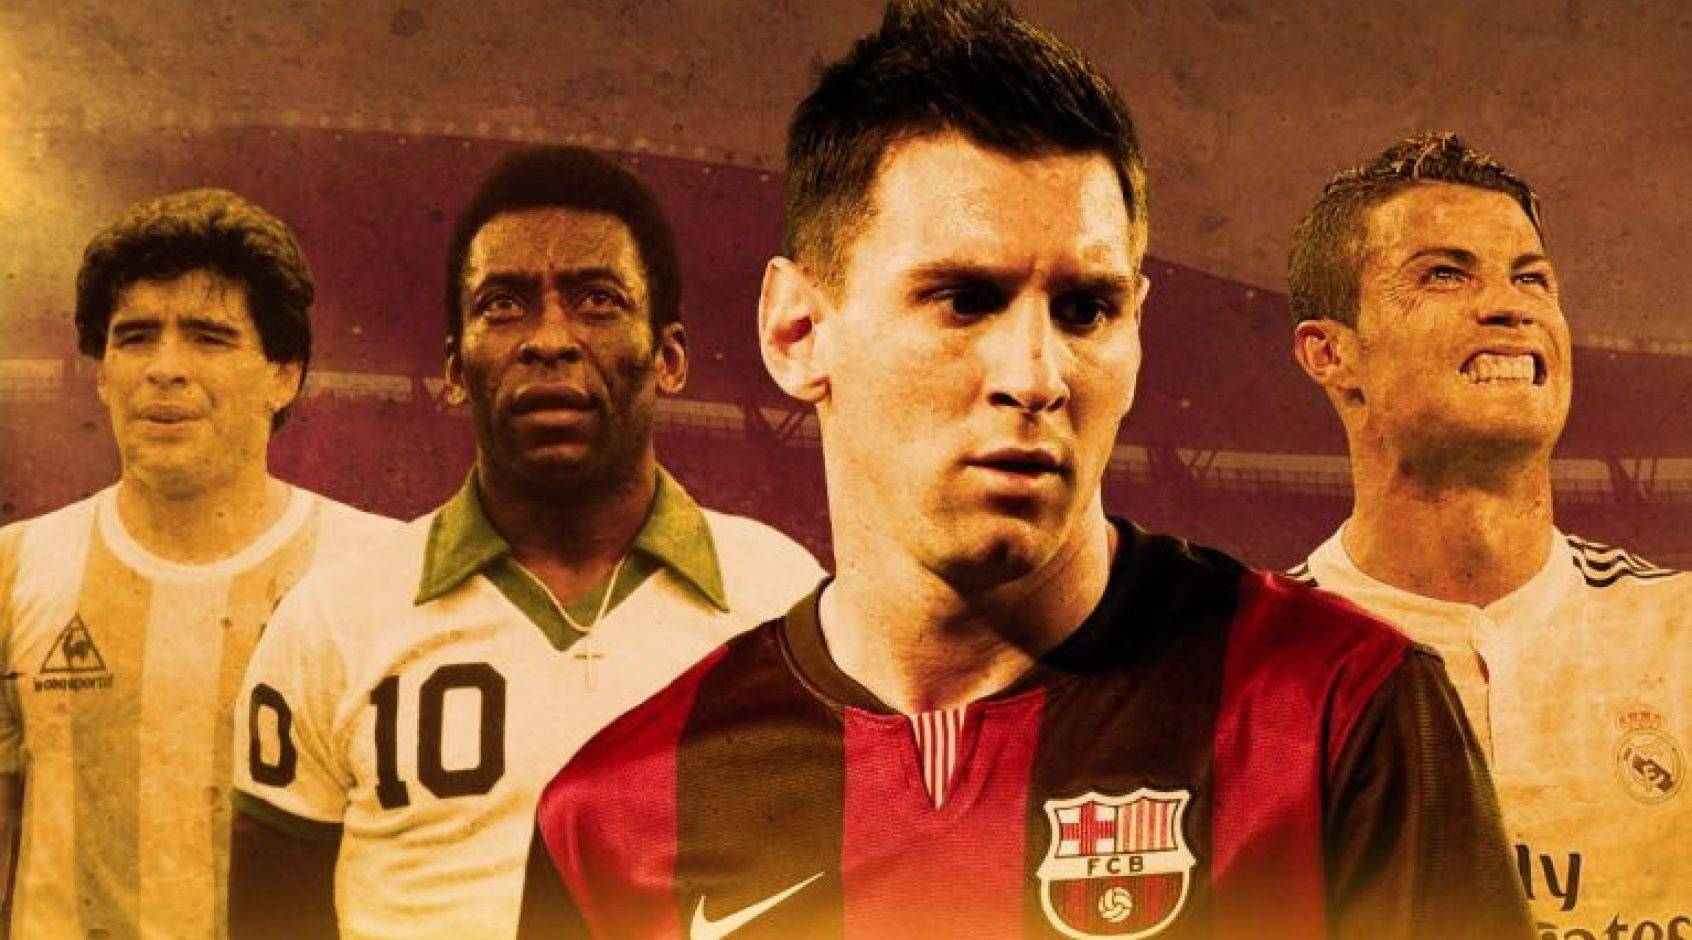 Лучшие футбольные вратари бомбардиры в мире за всю историю футбола